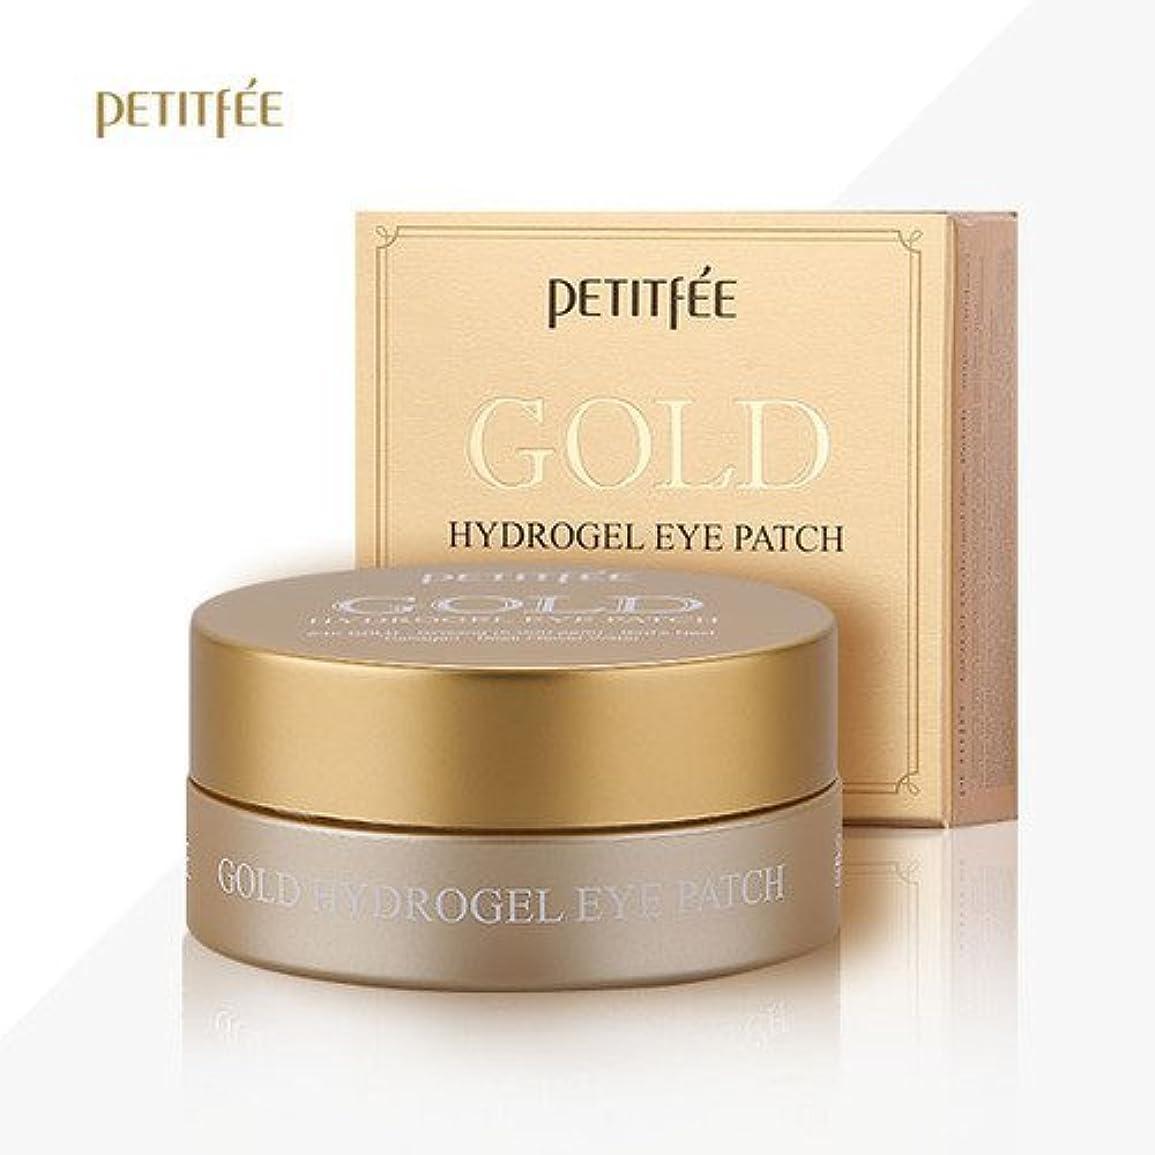 正当化する失う飼料PETITFEE(プチペ)ゴールドハイドロゲルアイパチ(60枚)/ Petitfee Gold Hydrogel Eye Patch (60Sheets) [並行輸入品]